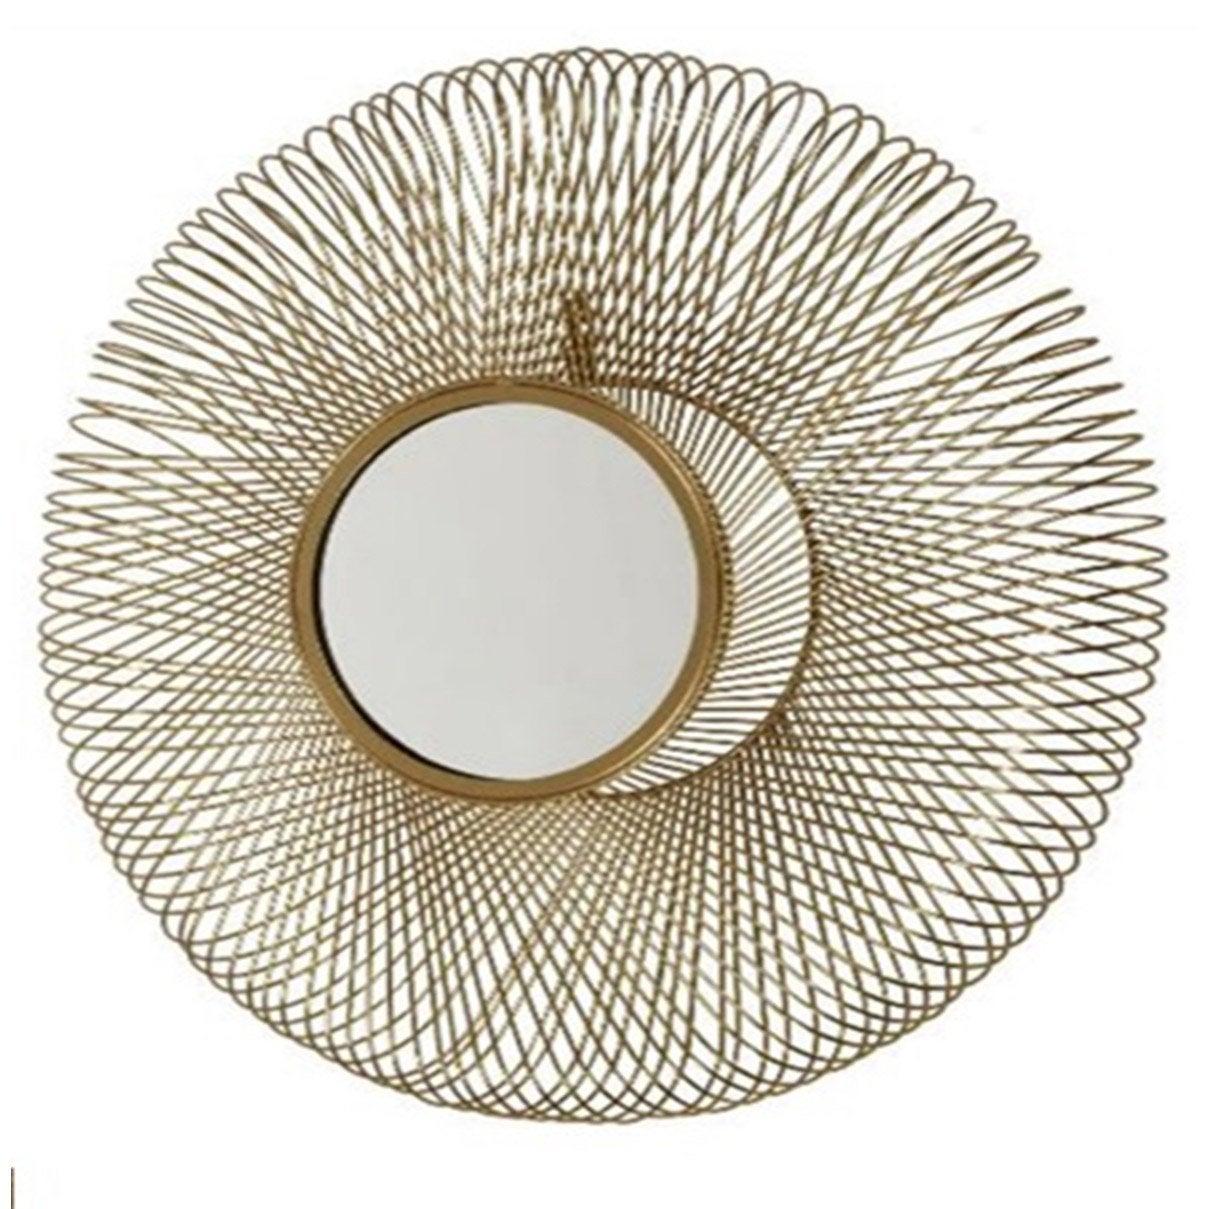 Miroir rond 3d, dorée diam.54 cm